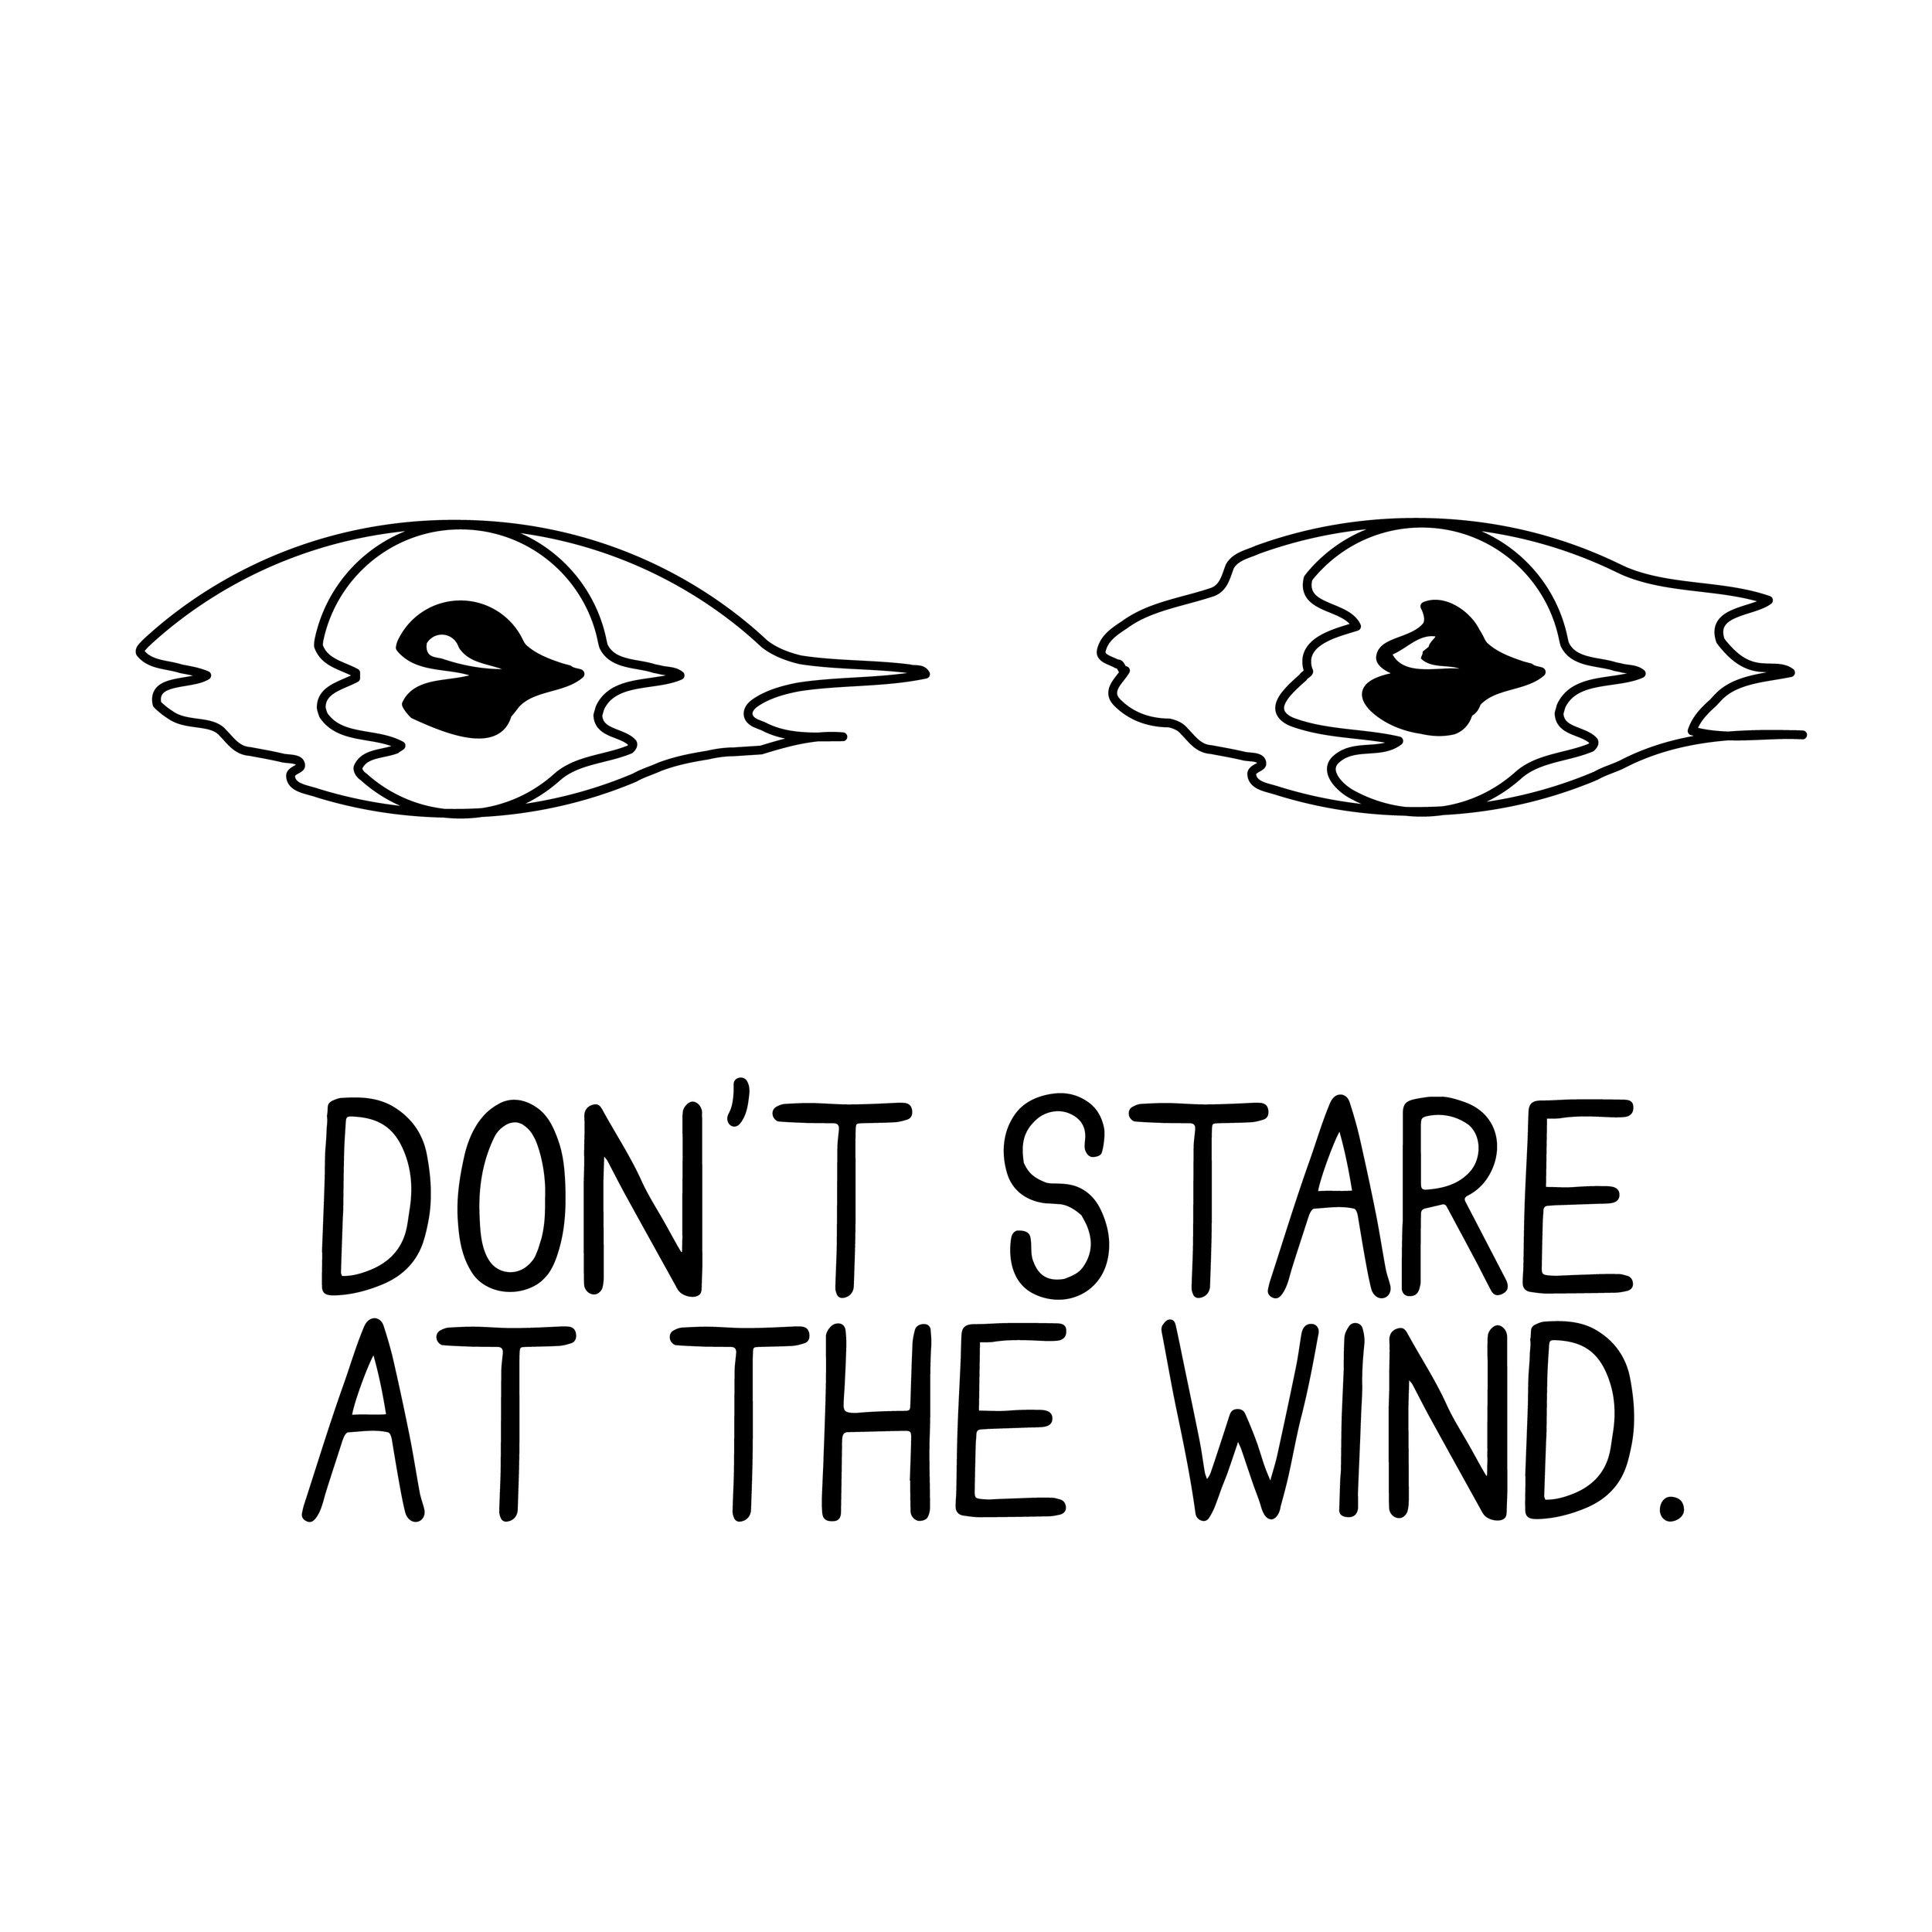 dontstareatwind-01.jpg